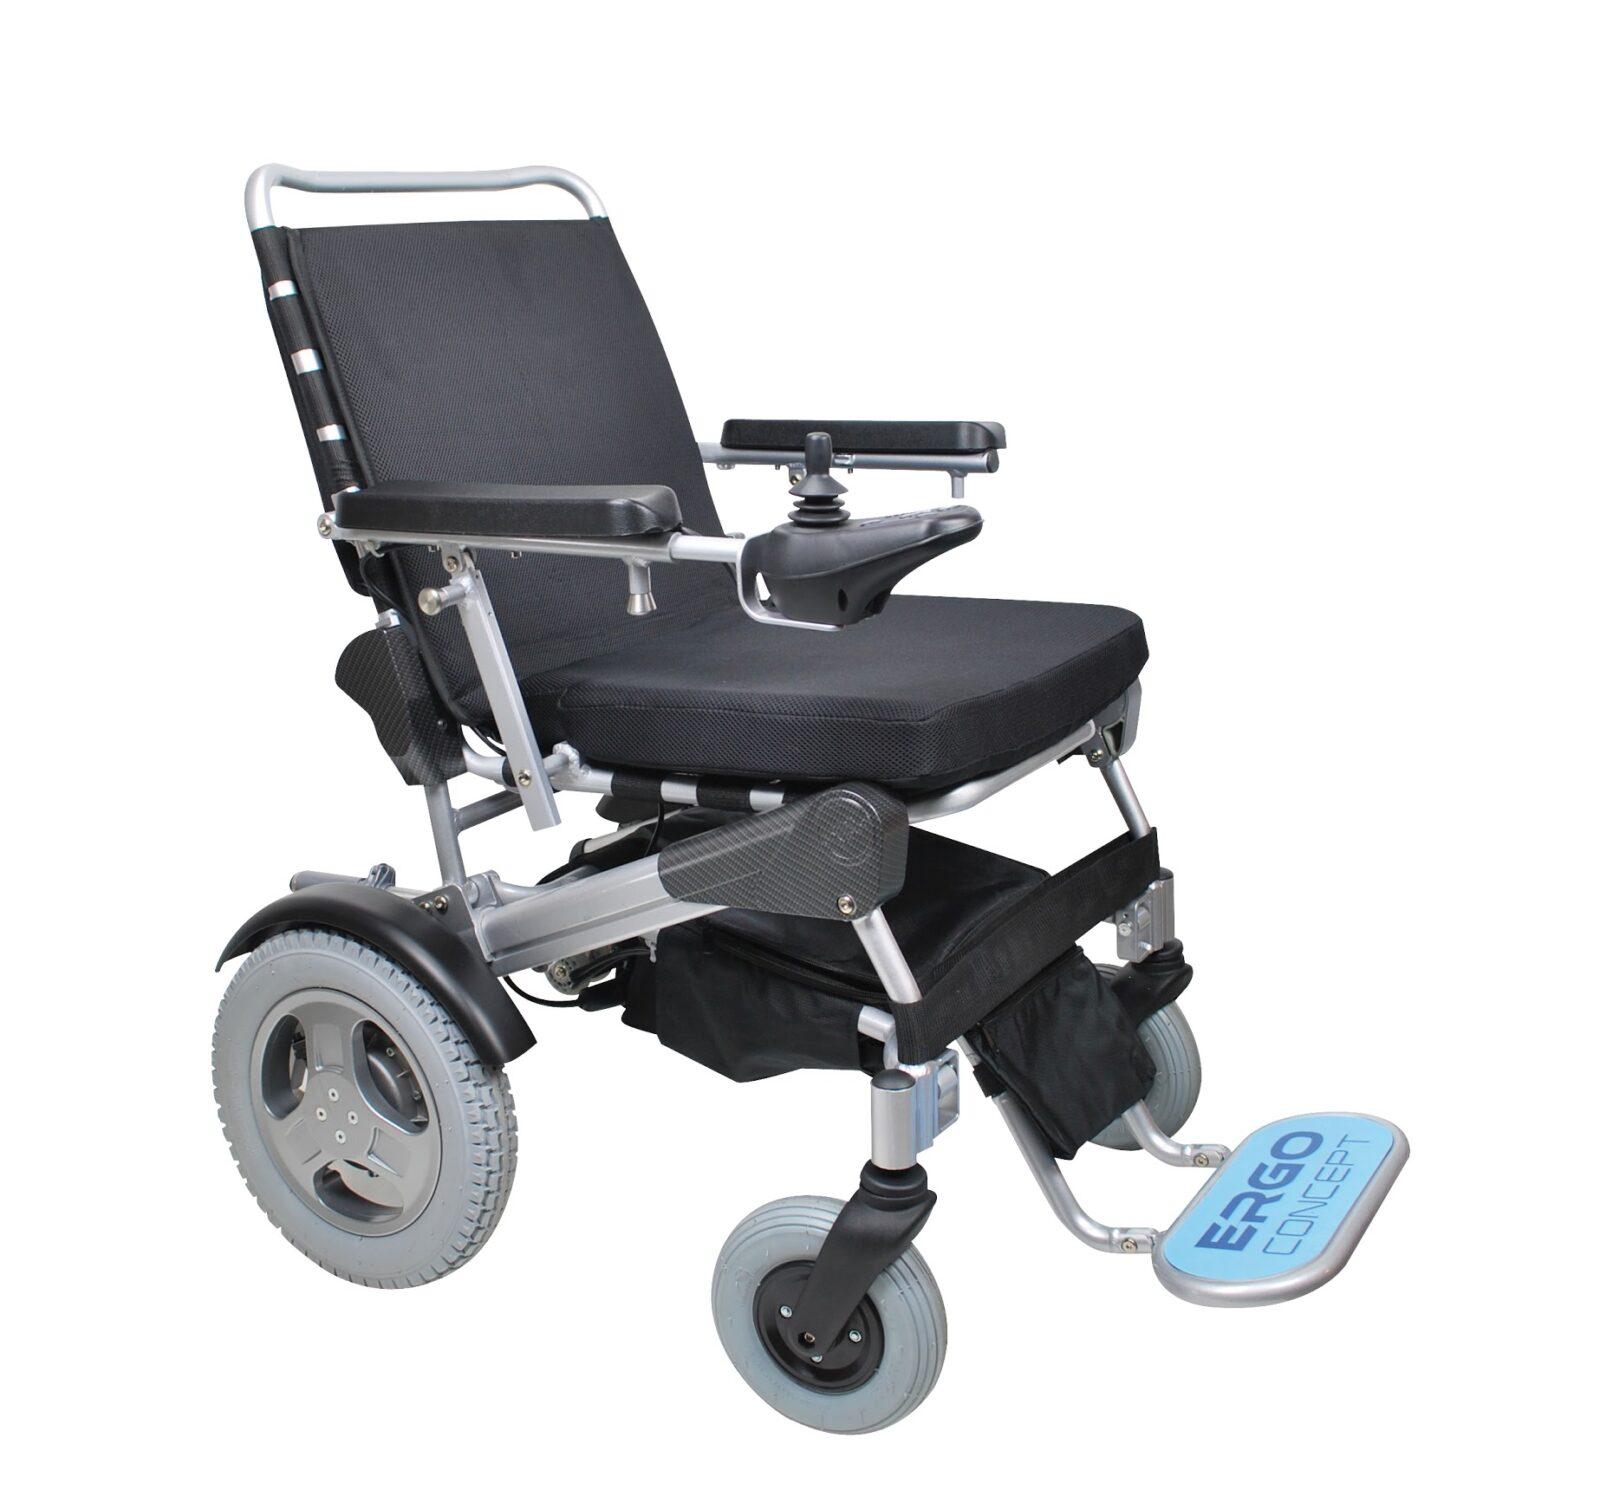 Prix: 3487,95€ - ce modèle dispose d'une prise en charge totale de la sécurité sociale